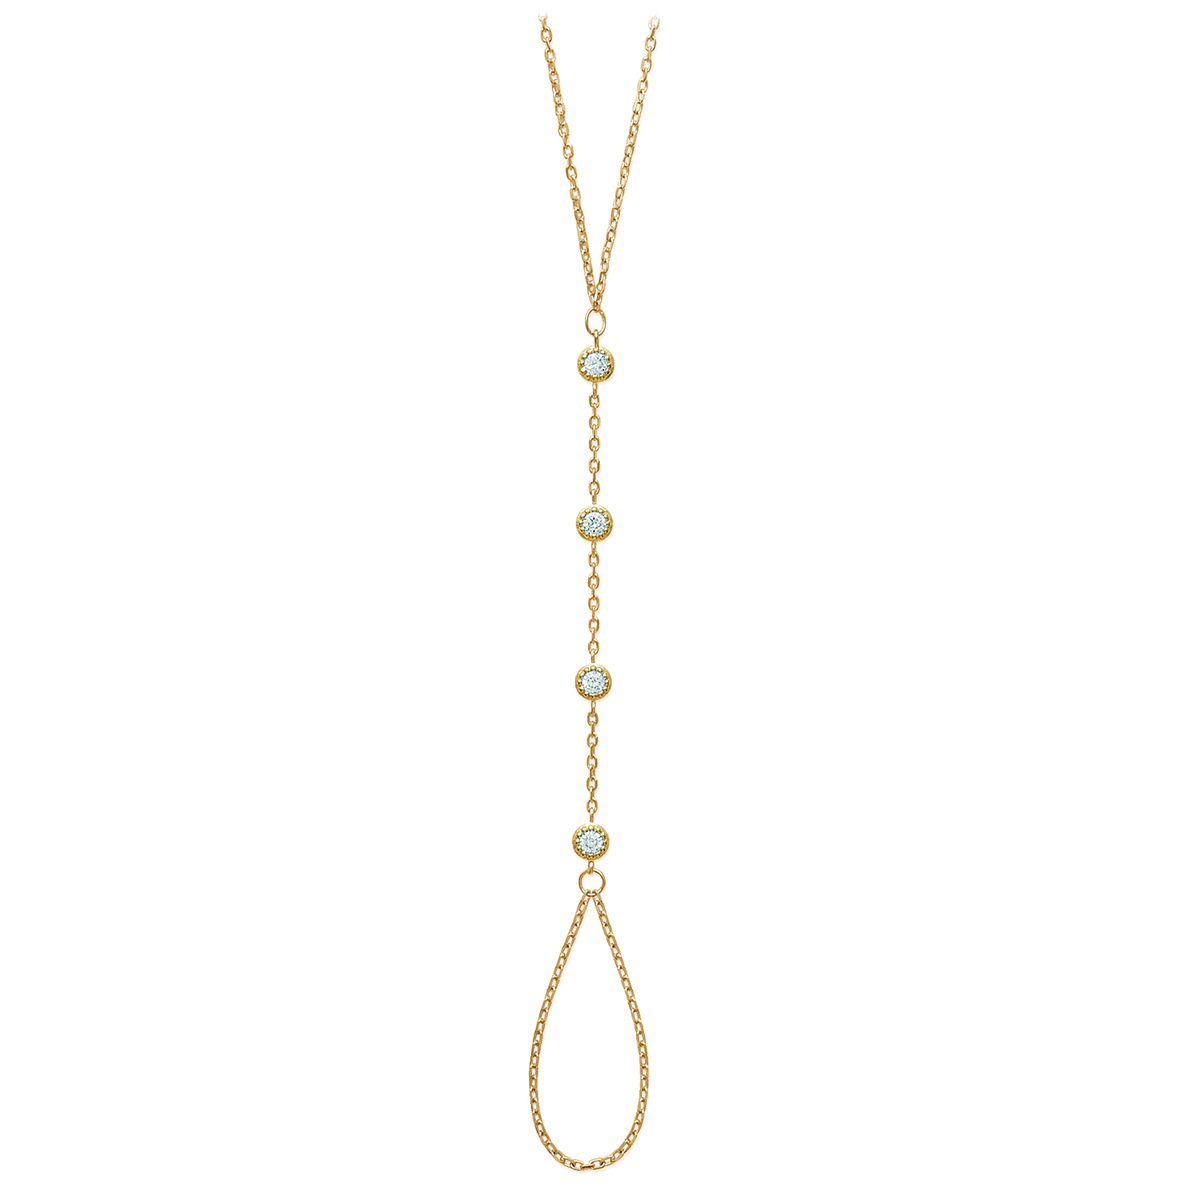 Bracelet Bague Plaqué Or \'Unique\' blanc doré - 4 mm - [M9932]